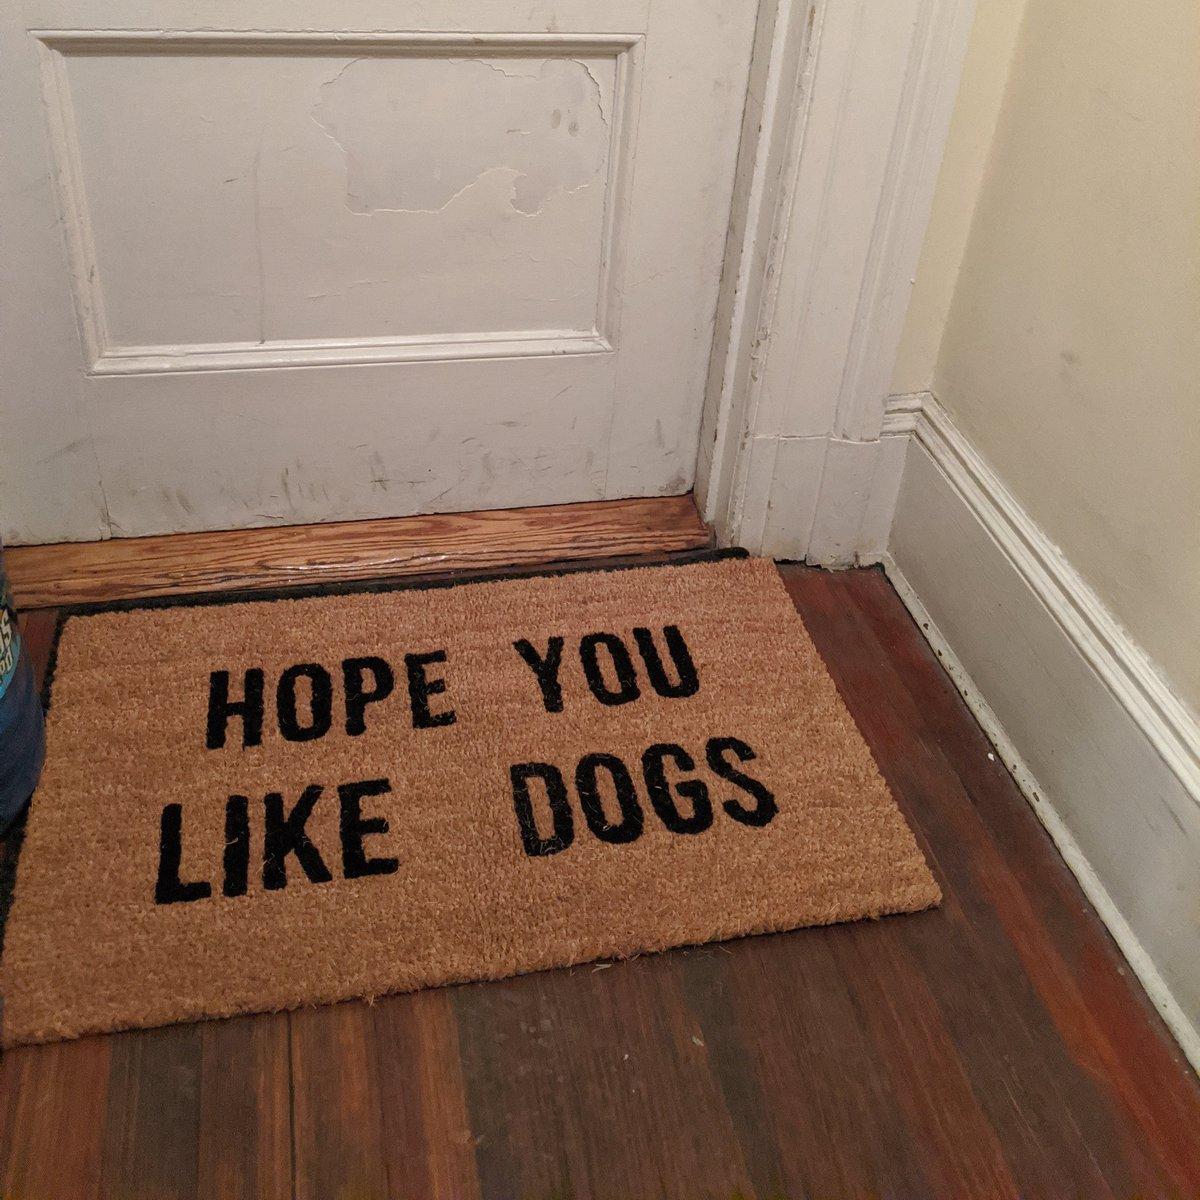 My neighbor's new door mat. 😂